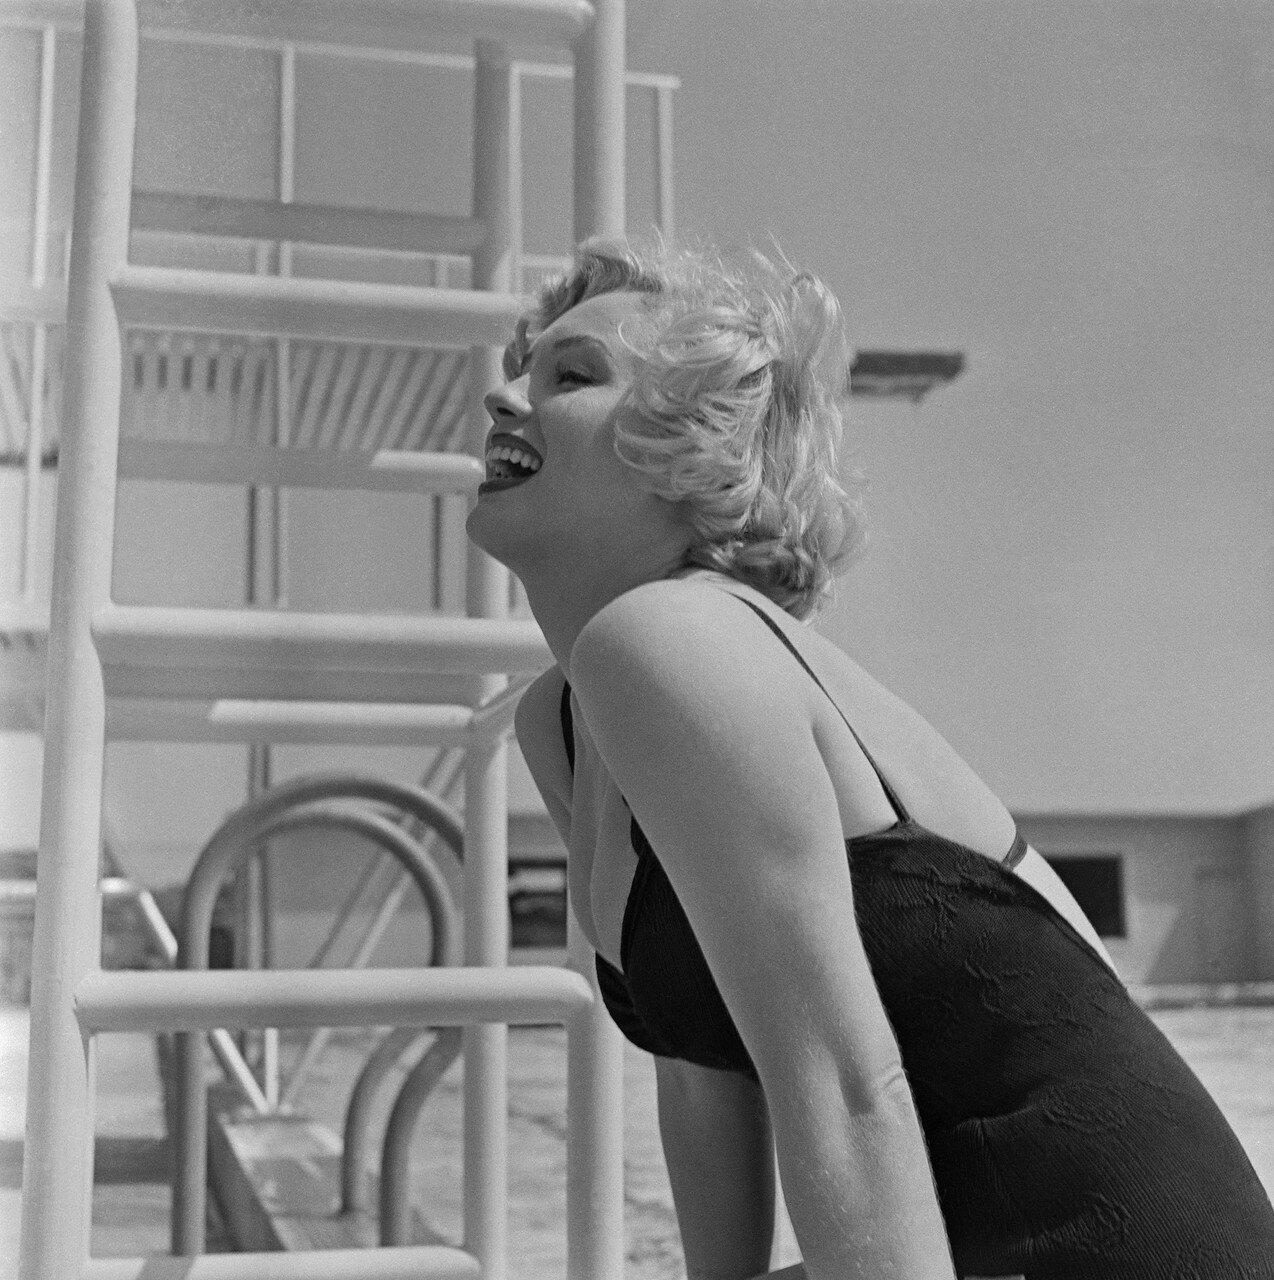 Marilyn Monroe in Bathing Suit Laughing